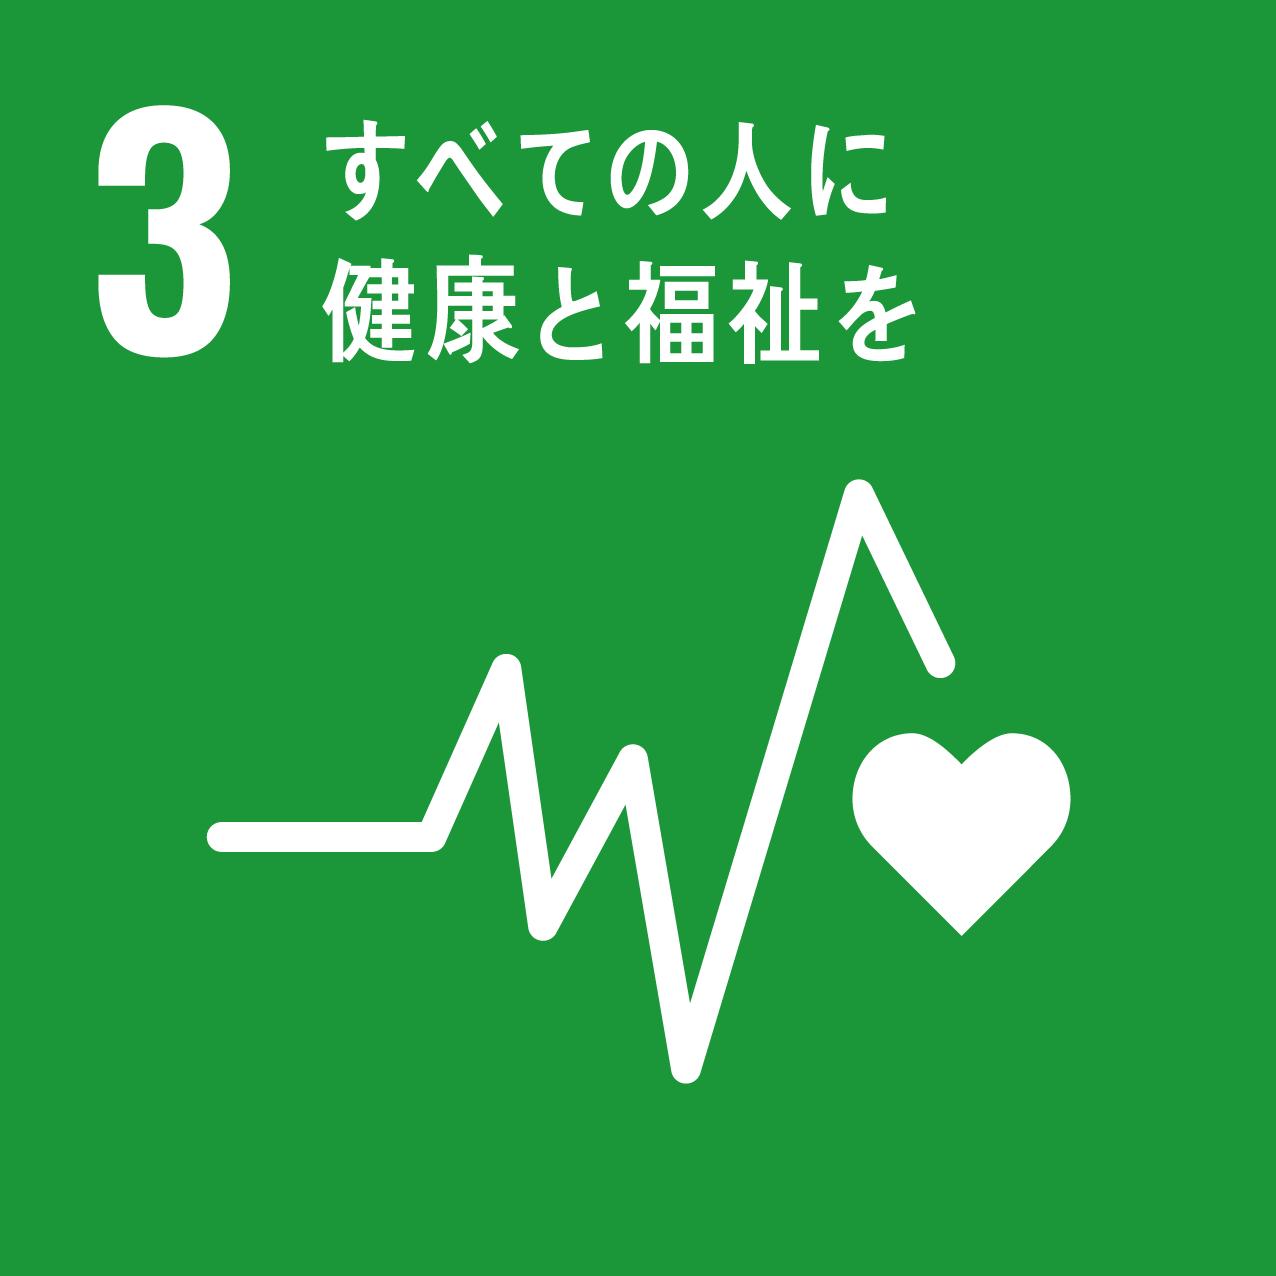 3:すべての人に健康と福祉を